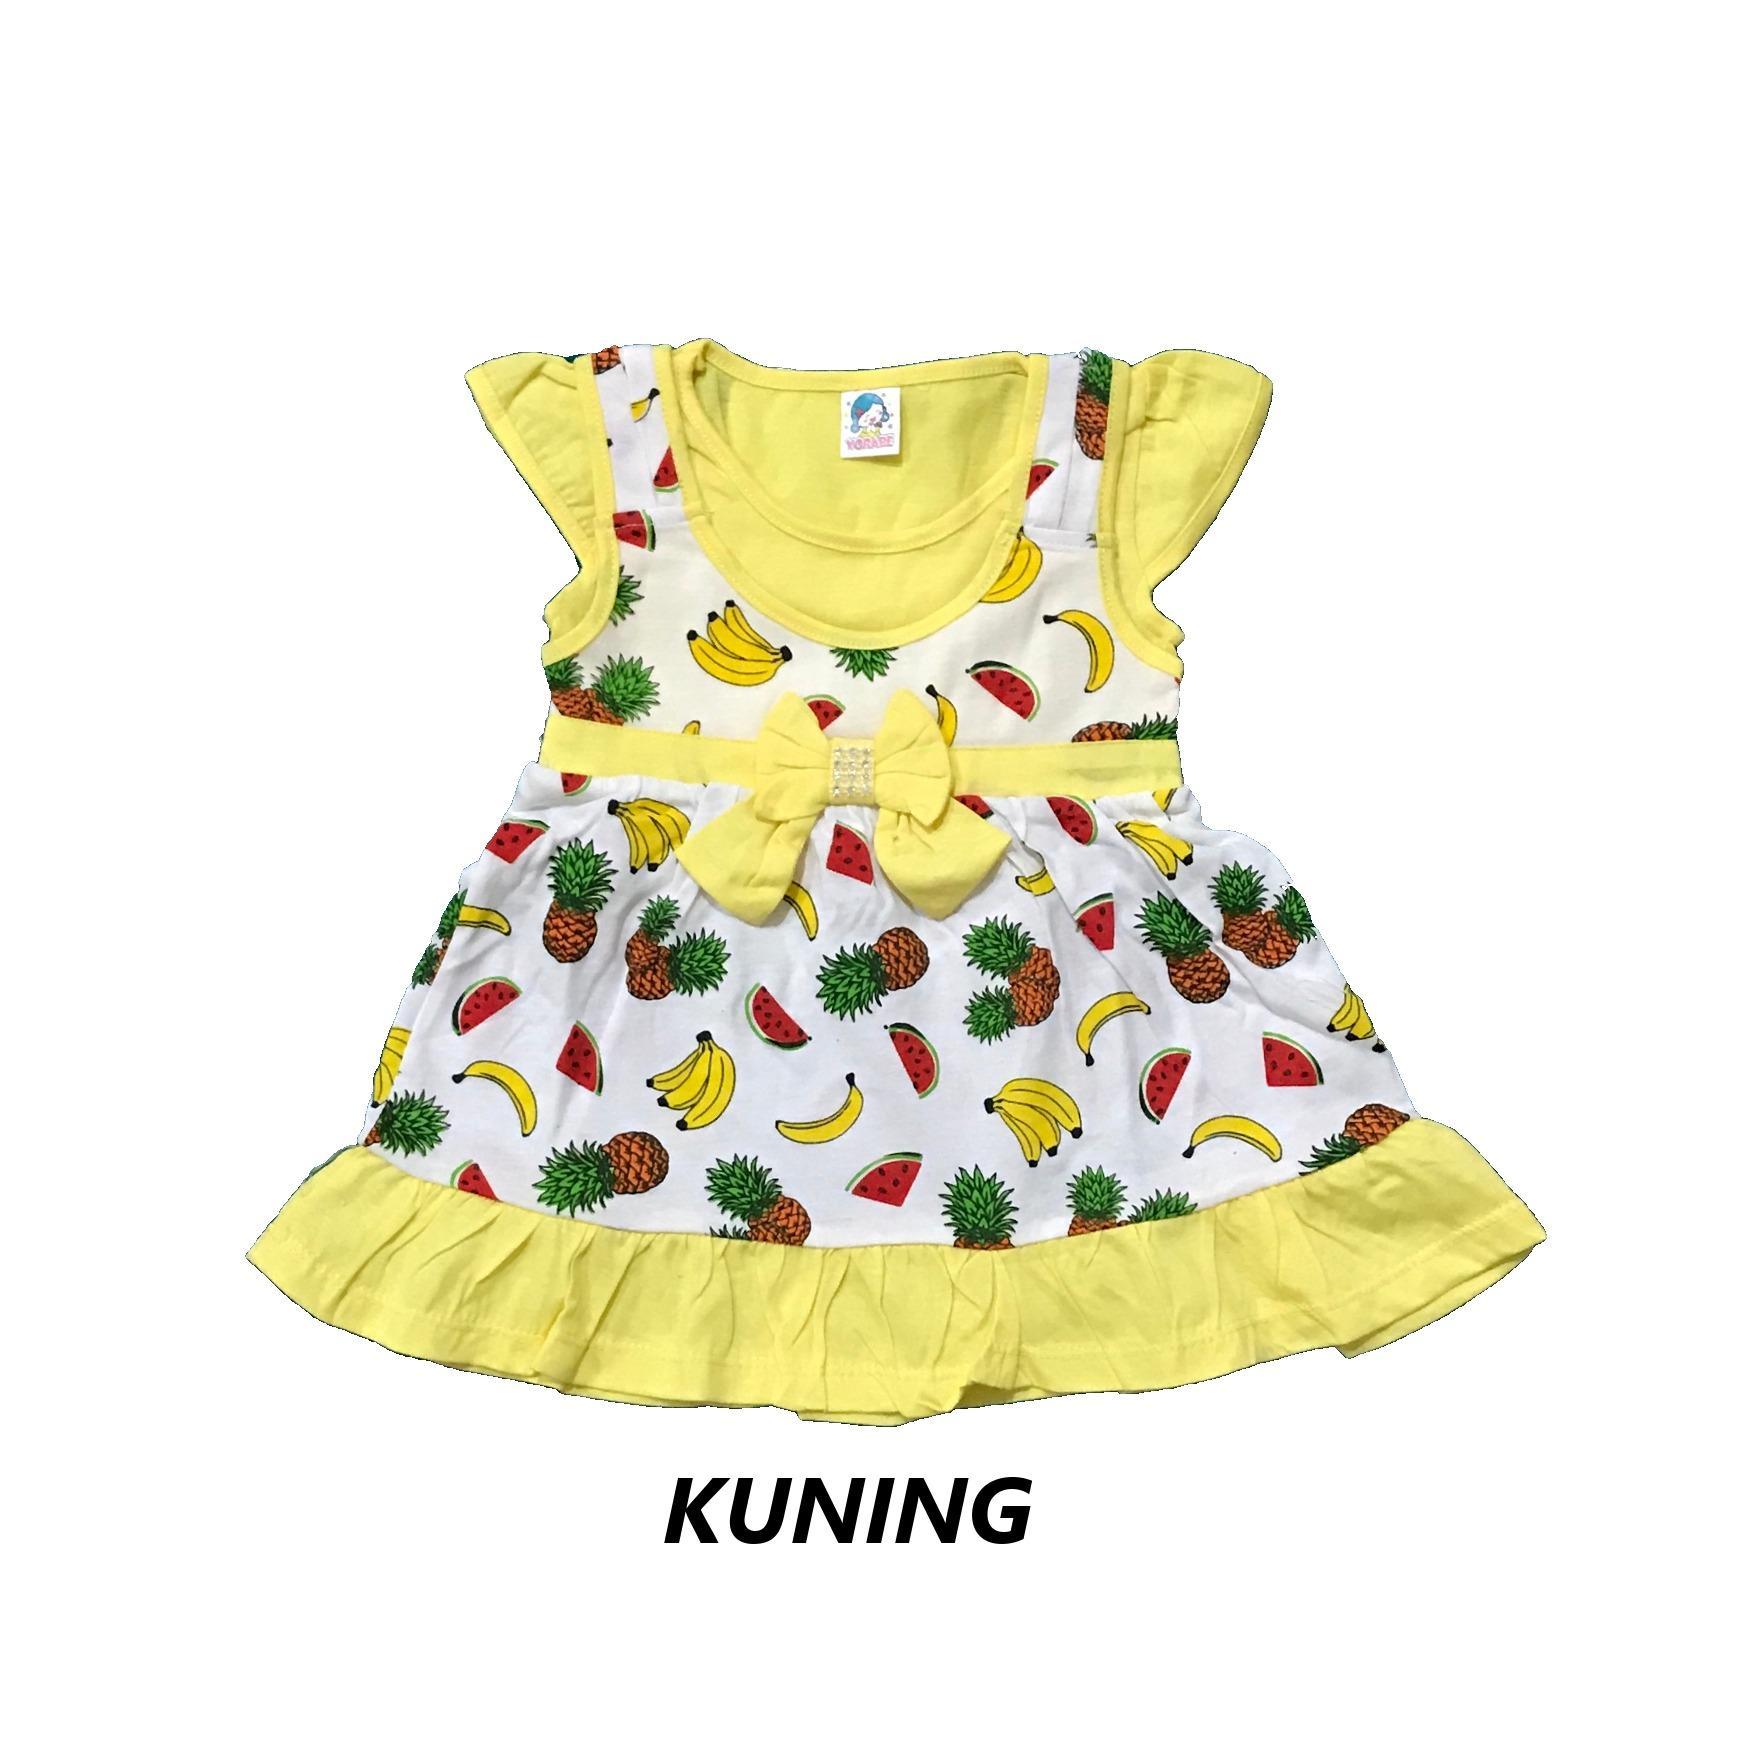 BAYIe - Baju Bayi Anak Perempuan Lengan Pendek motif BUAH YORABE usia 1 - 2 tahun / Pakaian anak Cewek